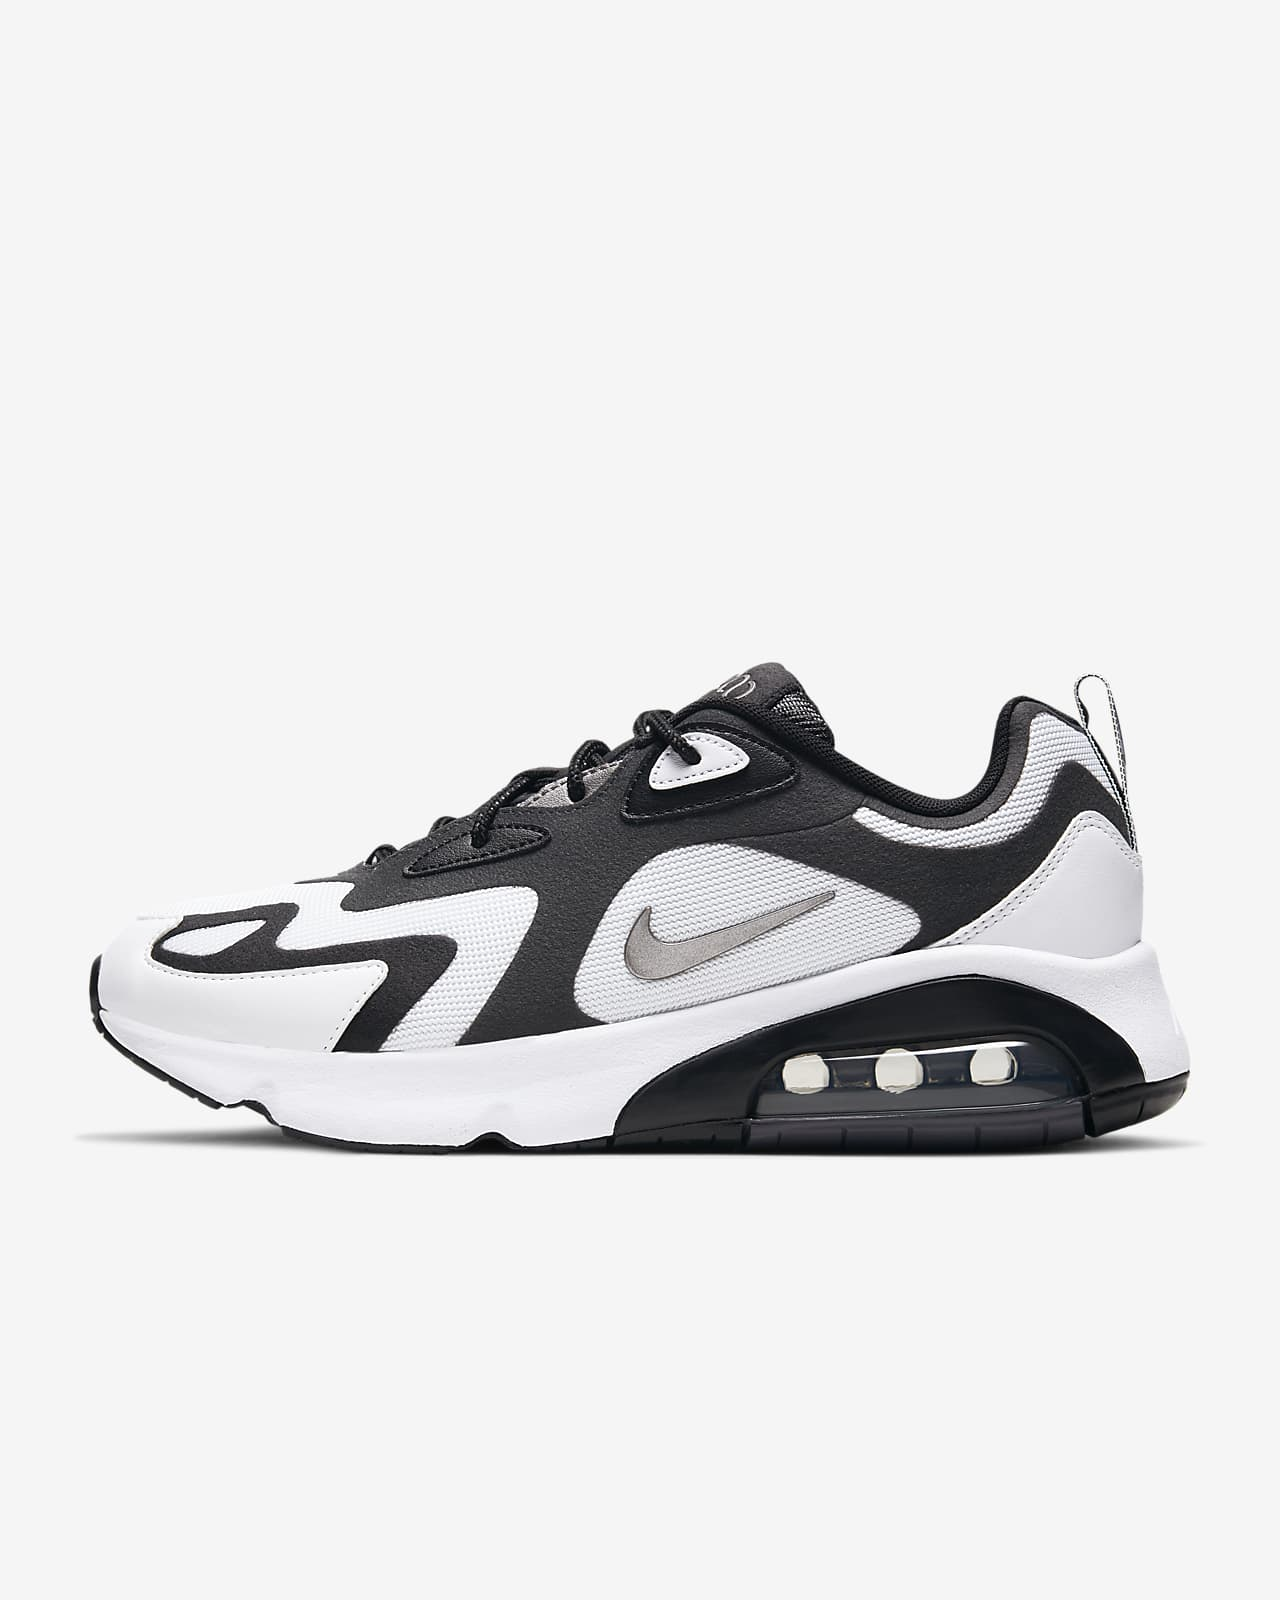 air max 200 blancas y negras